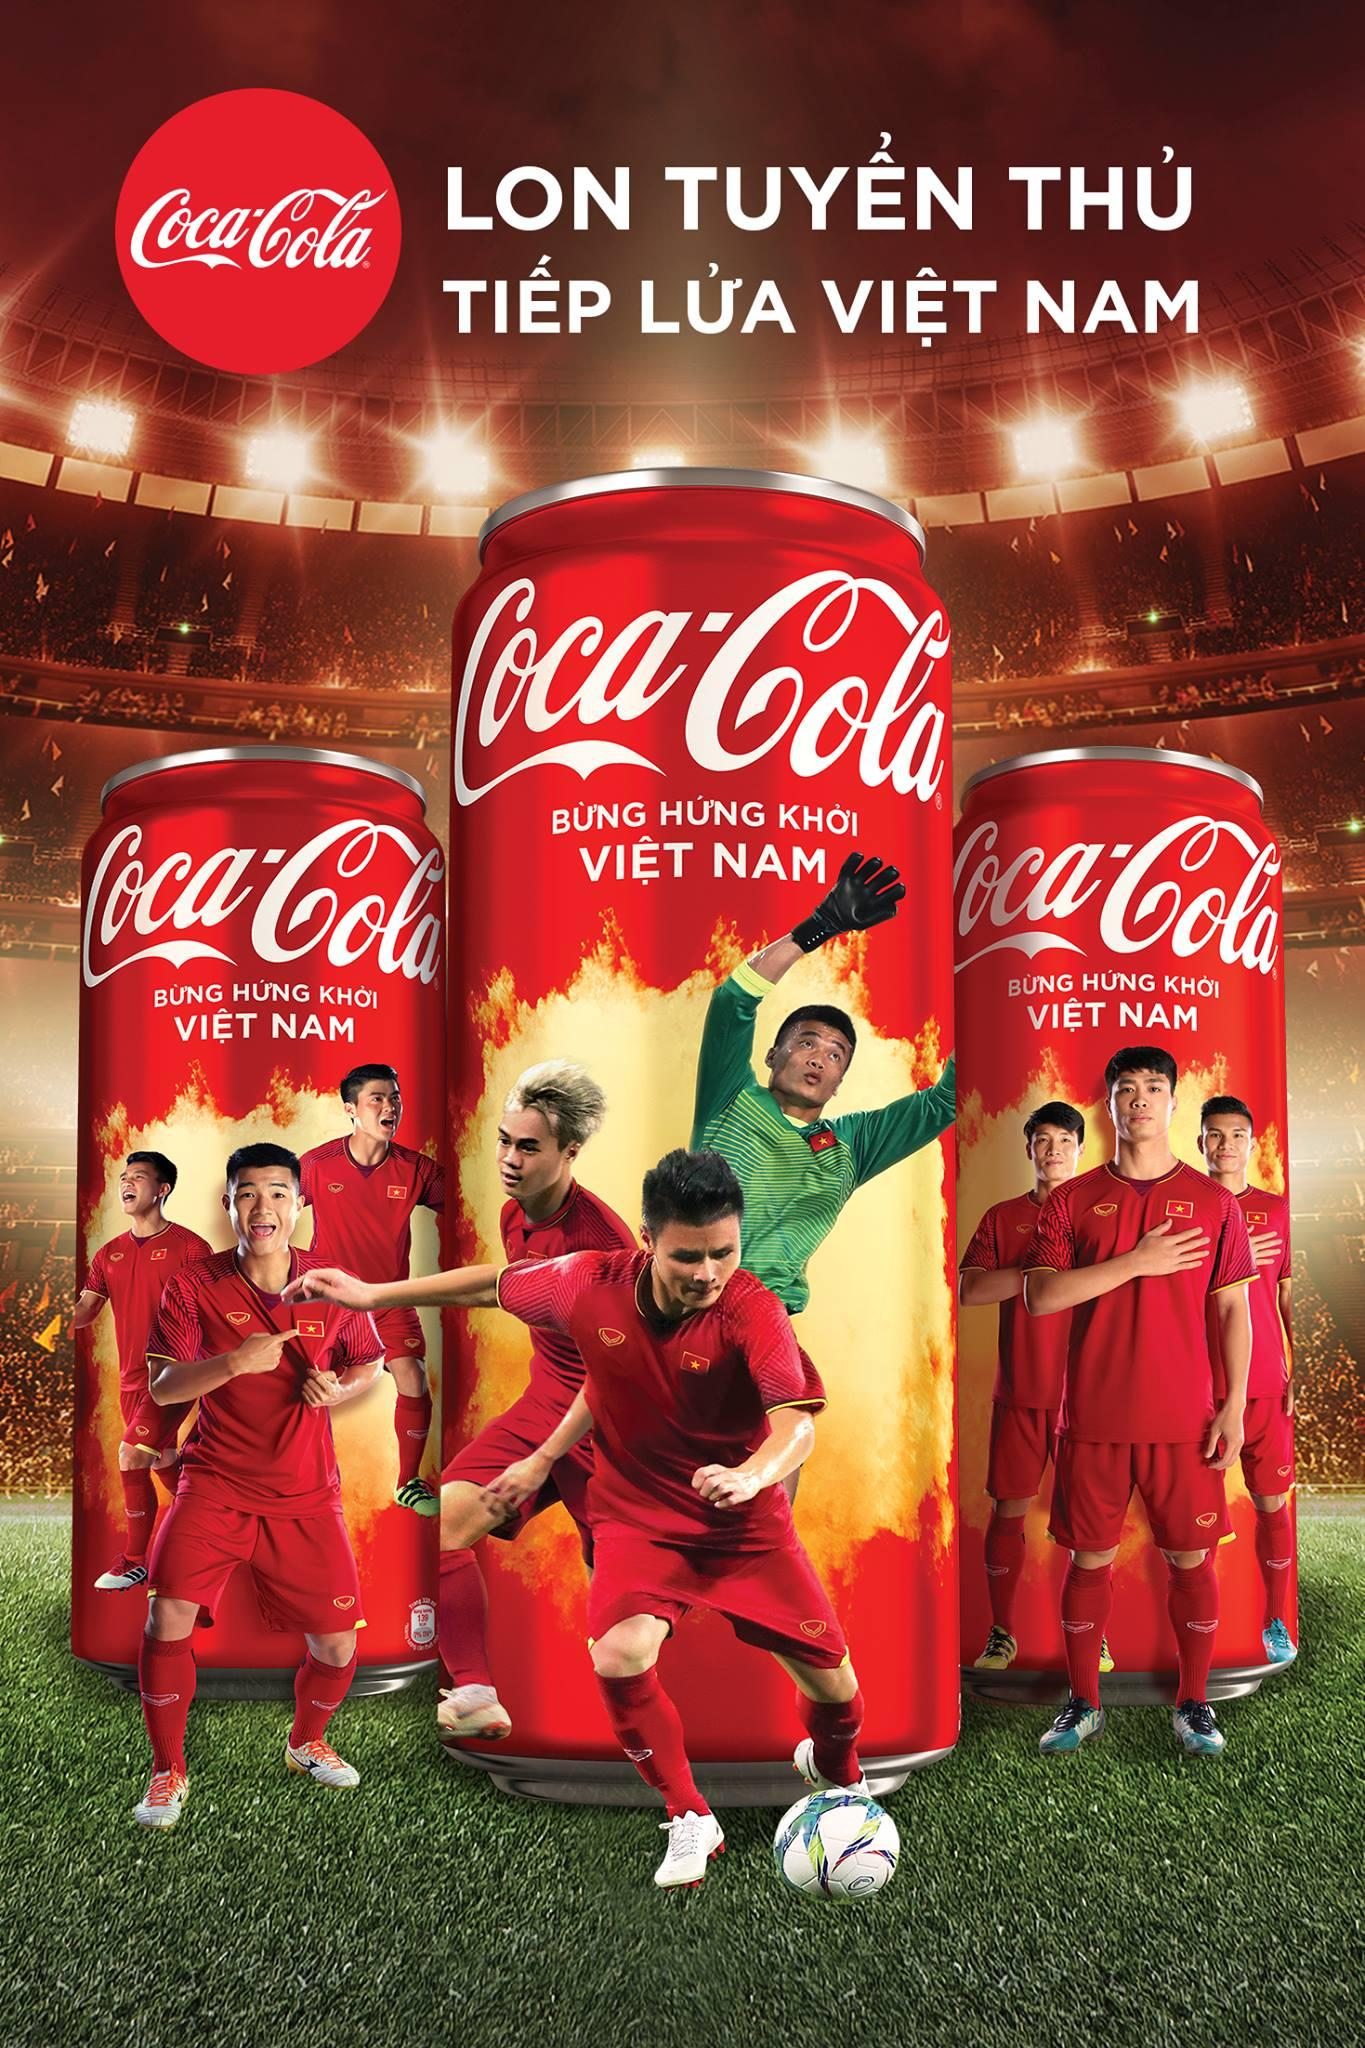 Trước thềm AFF Suzuki Cup, các cầu thủ vàng càng được tiếp thêm hứng khởi nhờ item siêu hot này! - Ảnh 3.